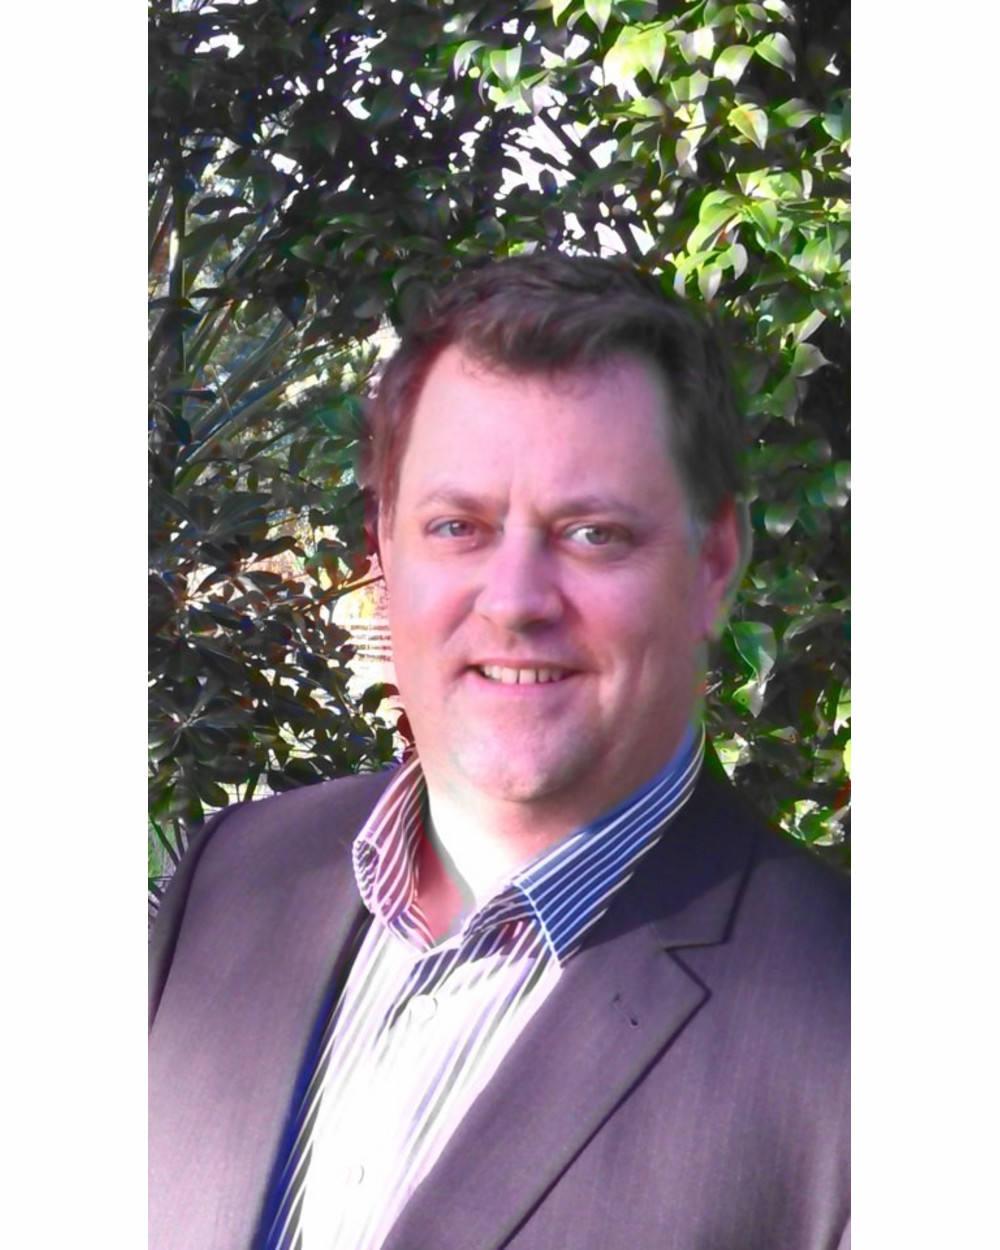 Simon Upperton